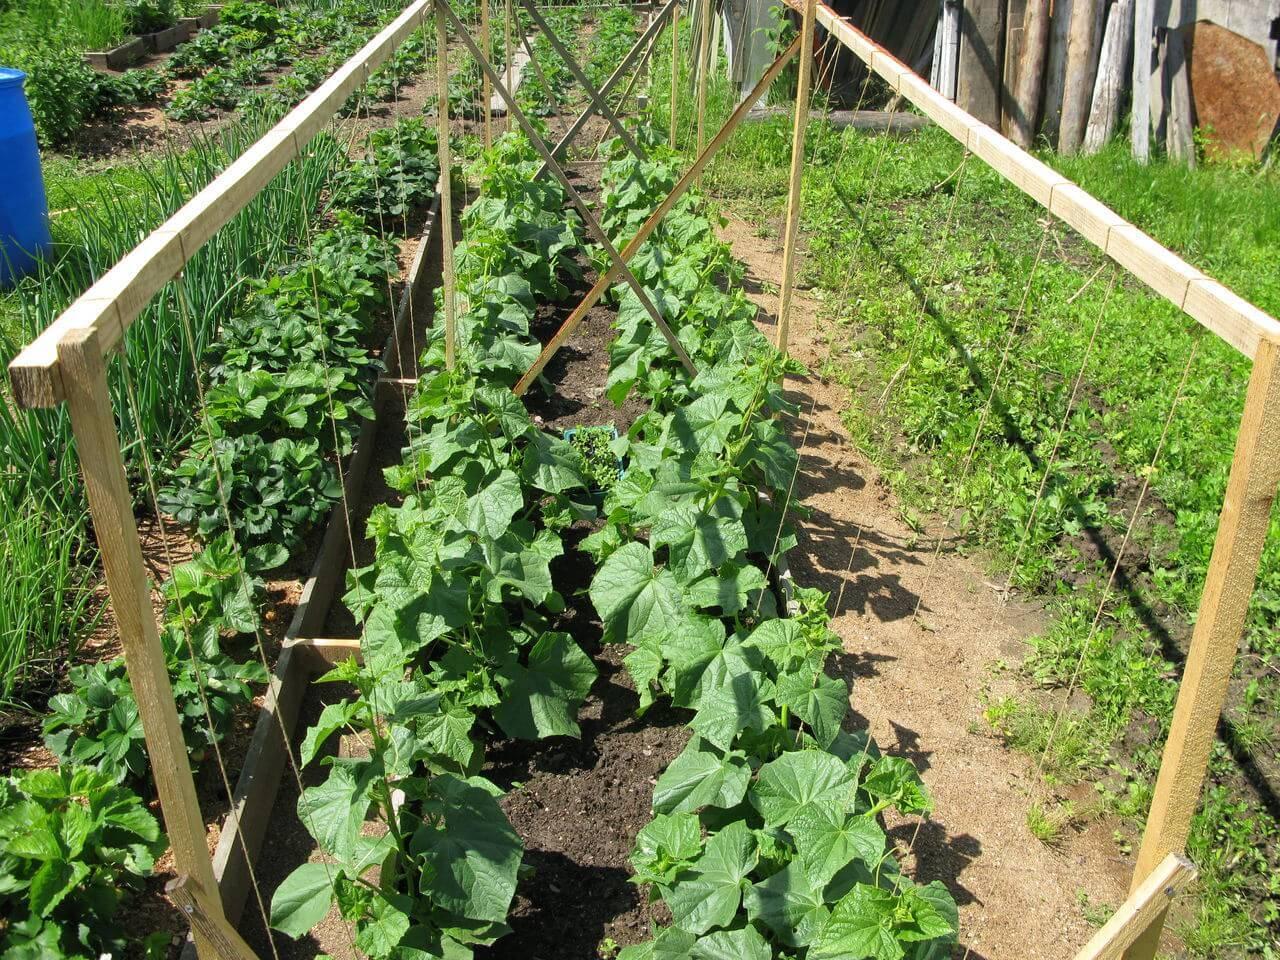 Выращивание огурцов: особенности посадки и секреты ухода в открытом грунте